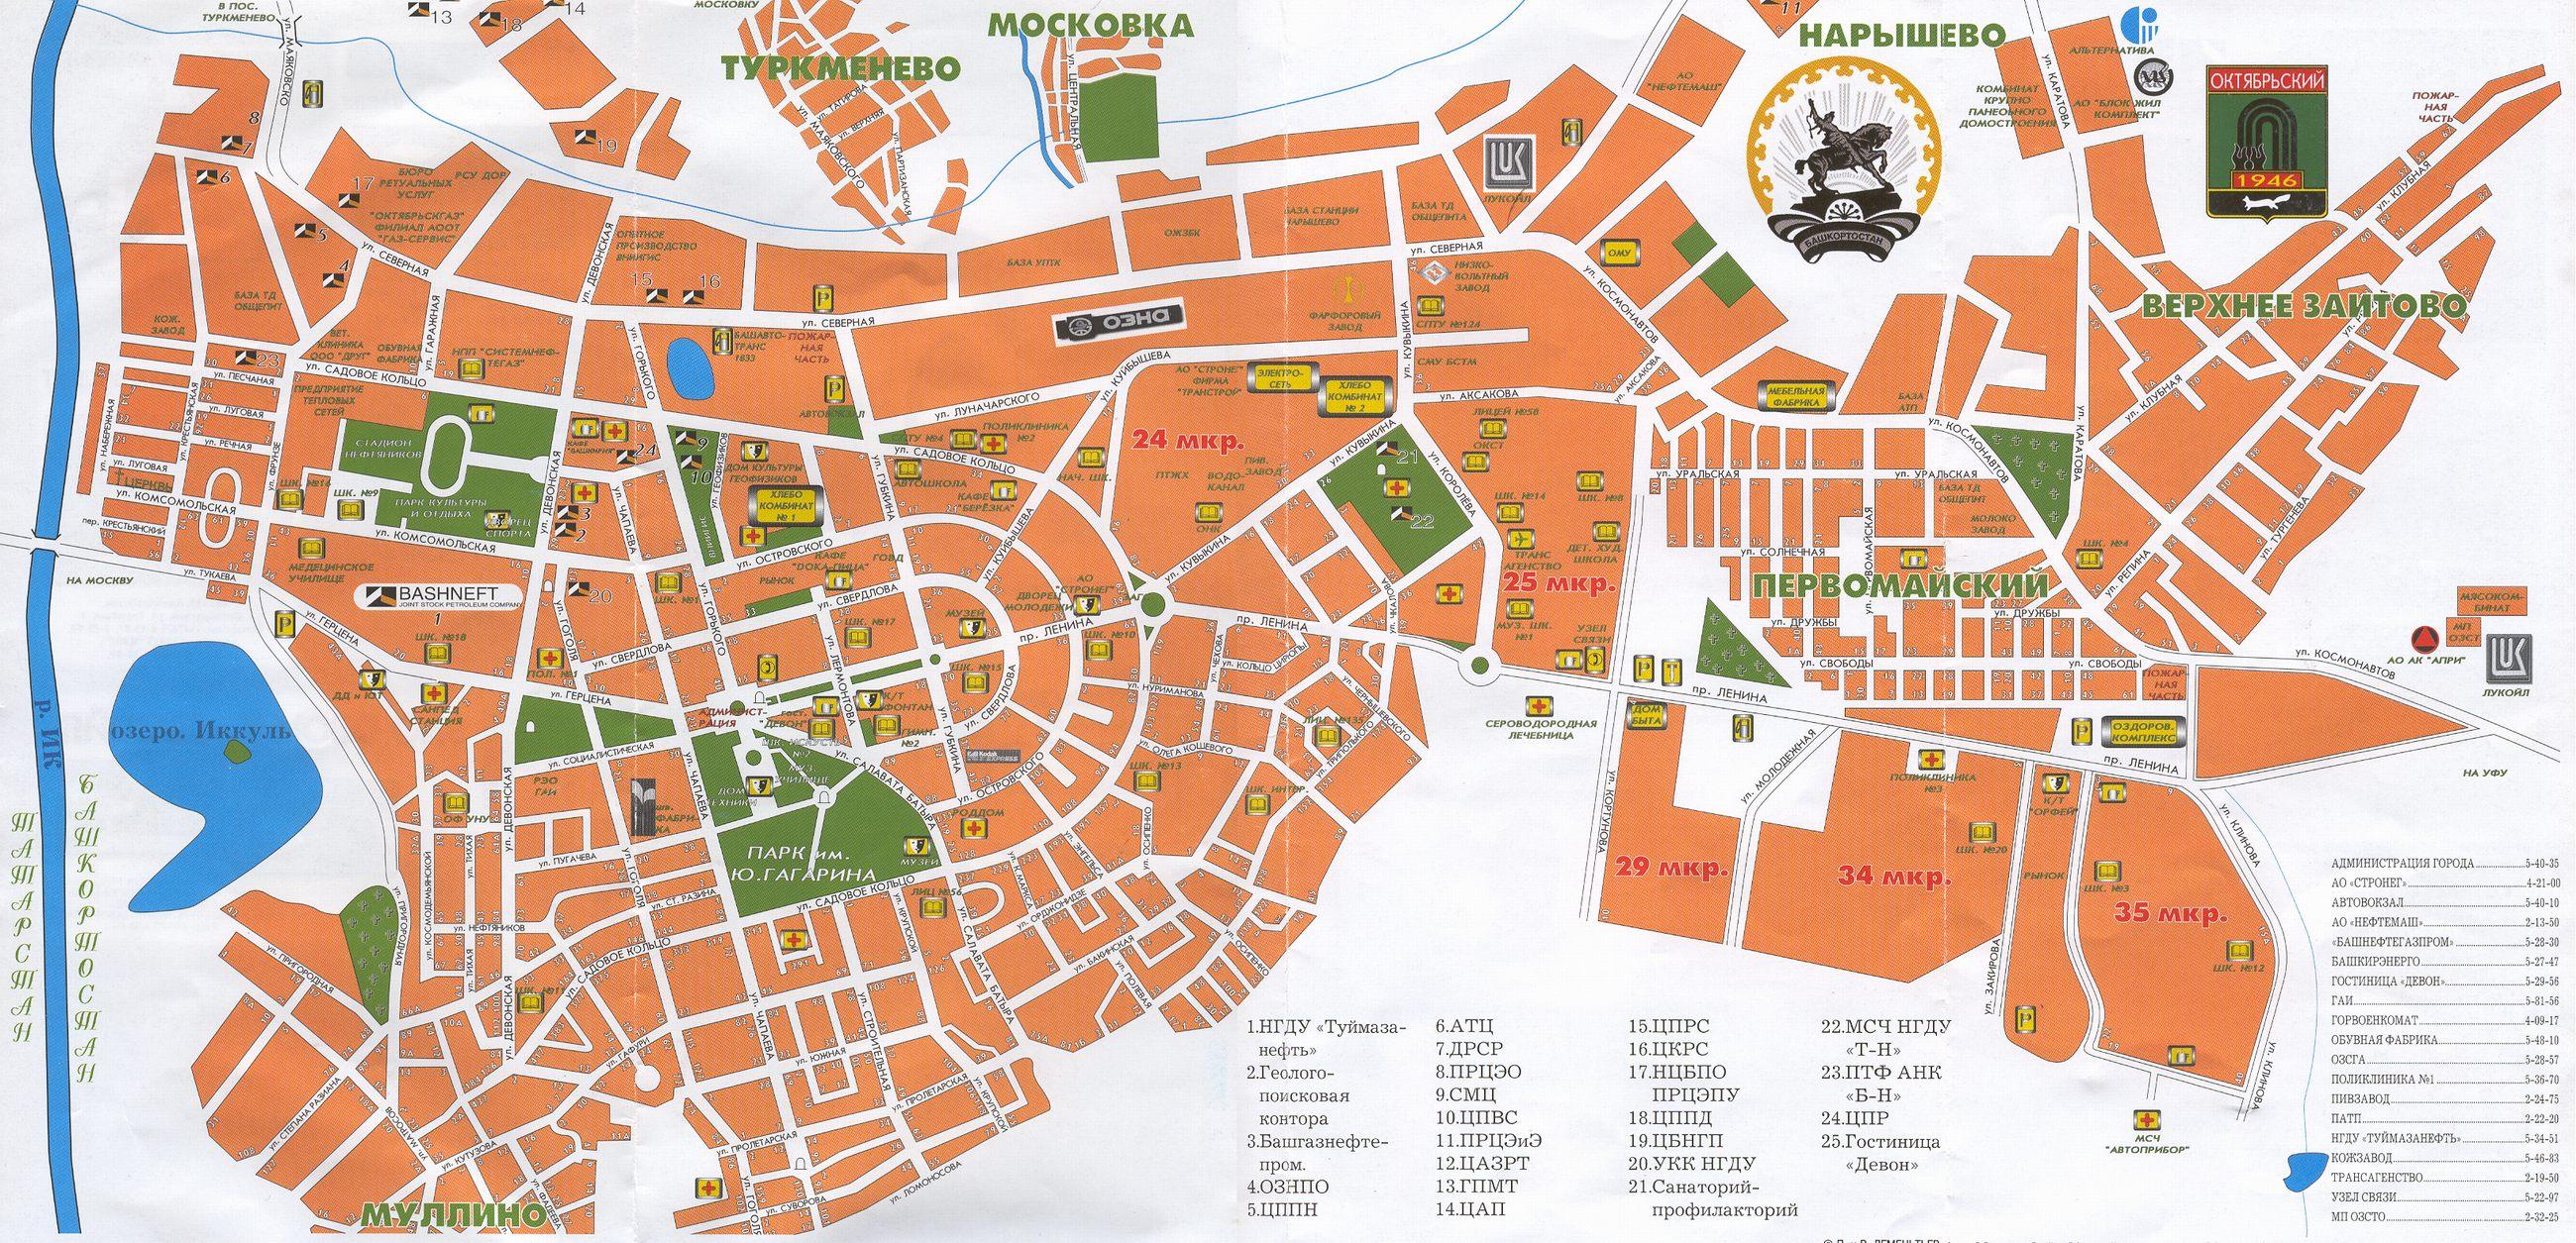 карта проституток уличных москвы